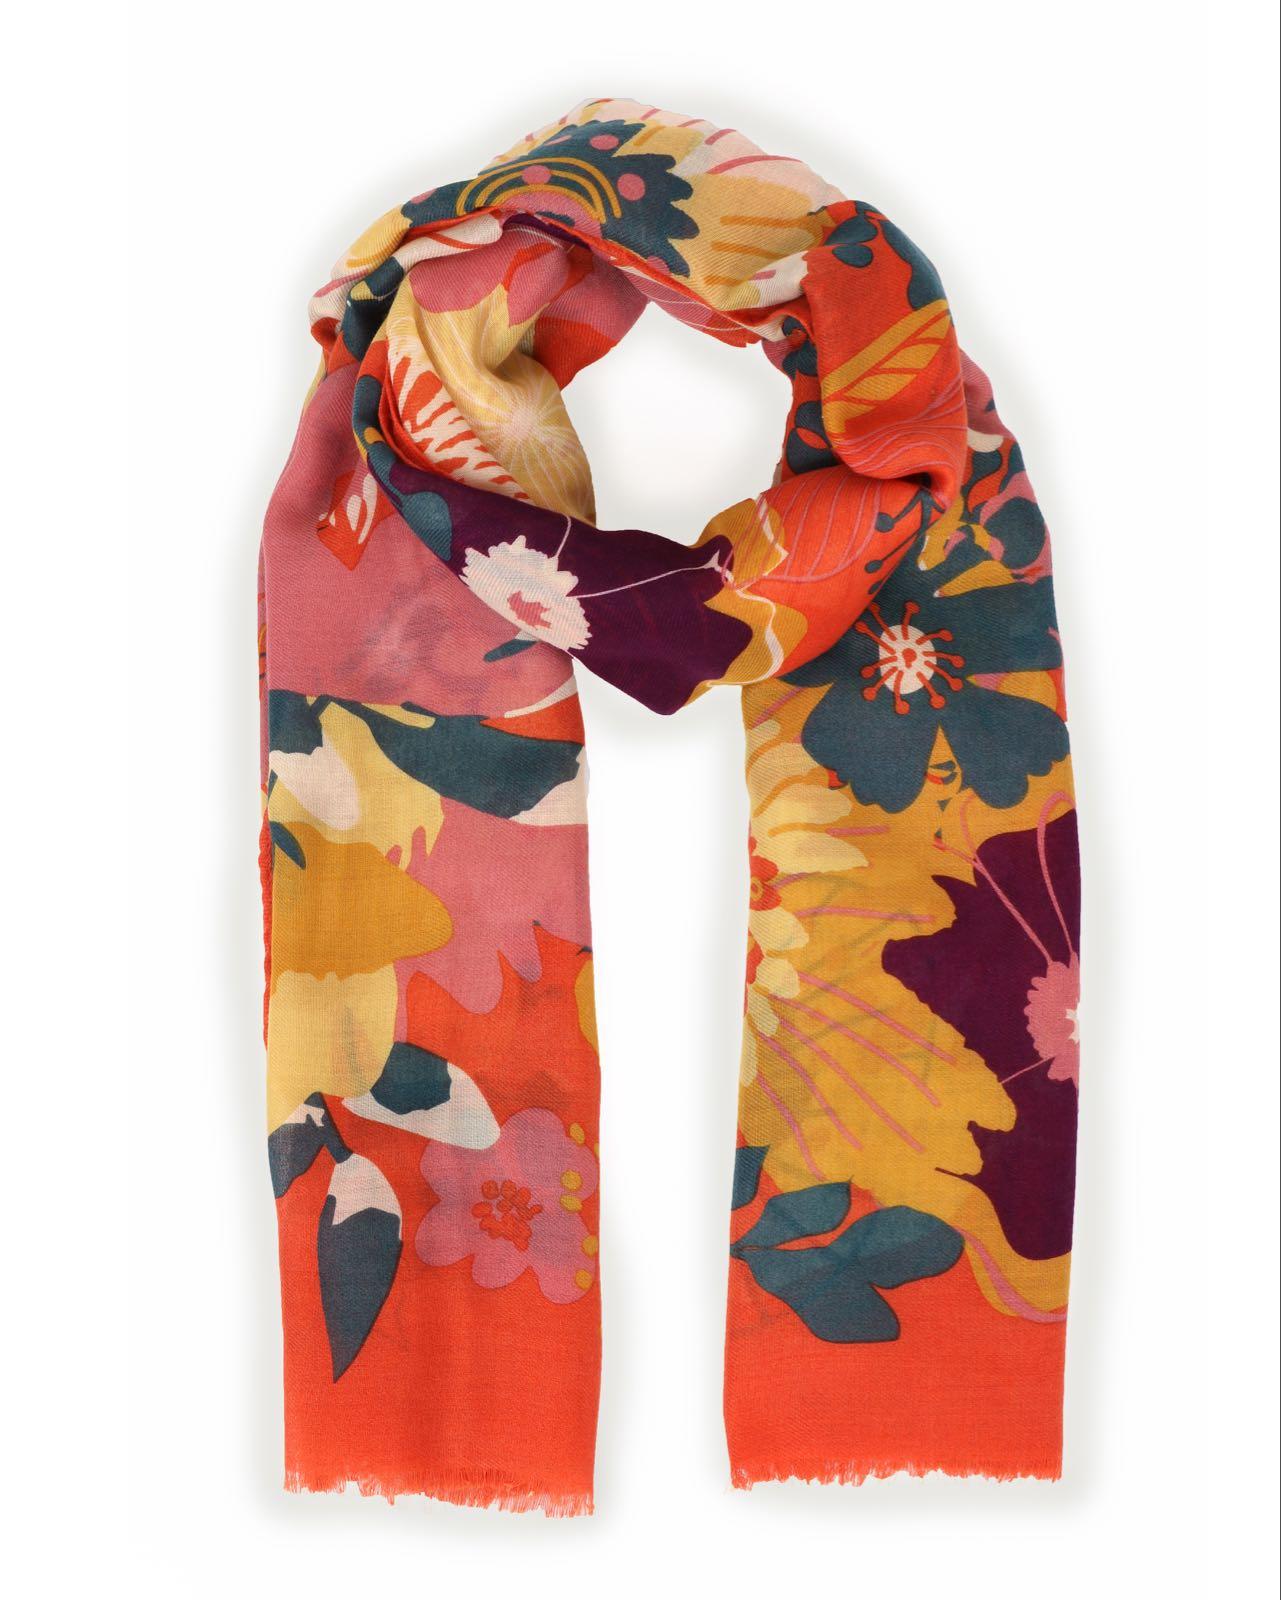 Powder modern floral scarf in tangerine